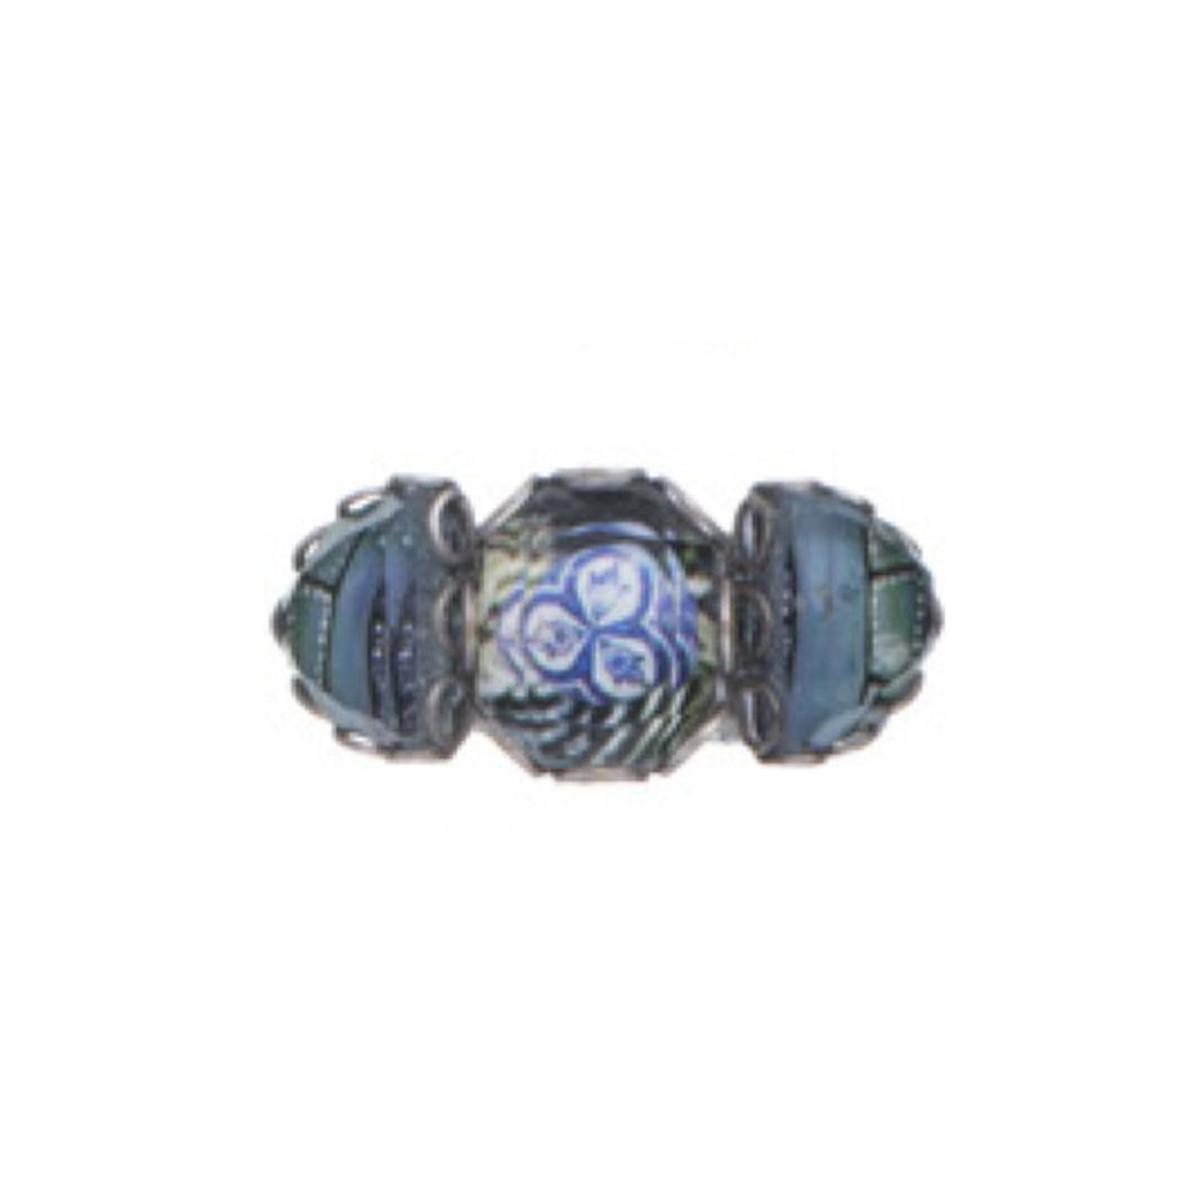 Ayala Bar Blue Planet Blue Azure Adjustable Ring - New Arrival